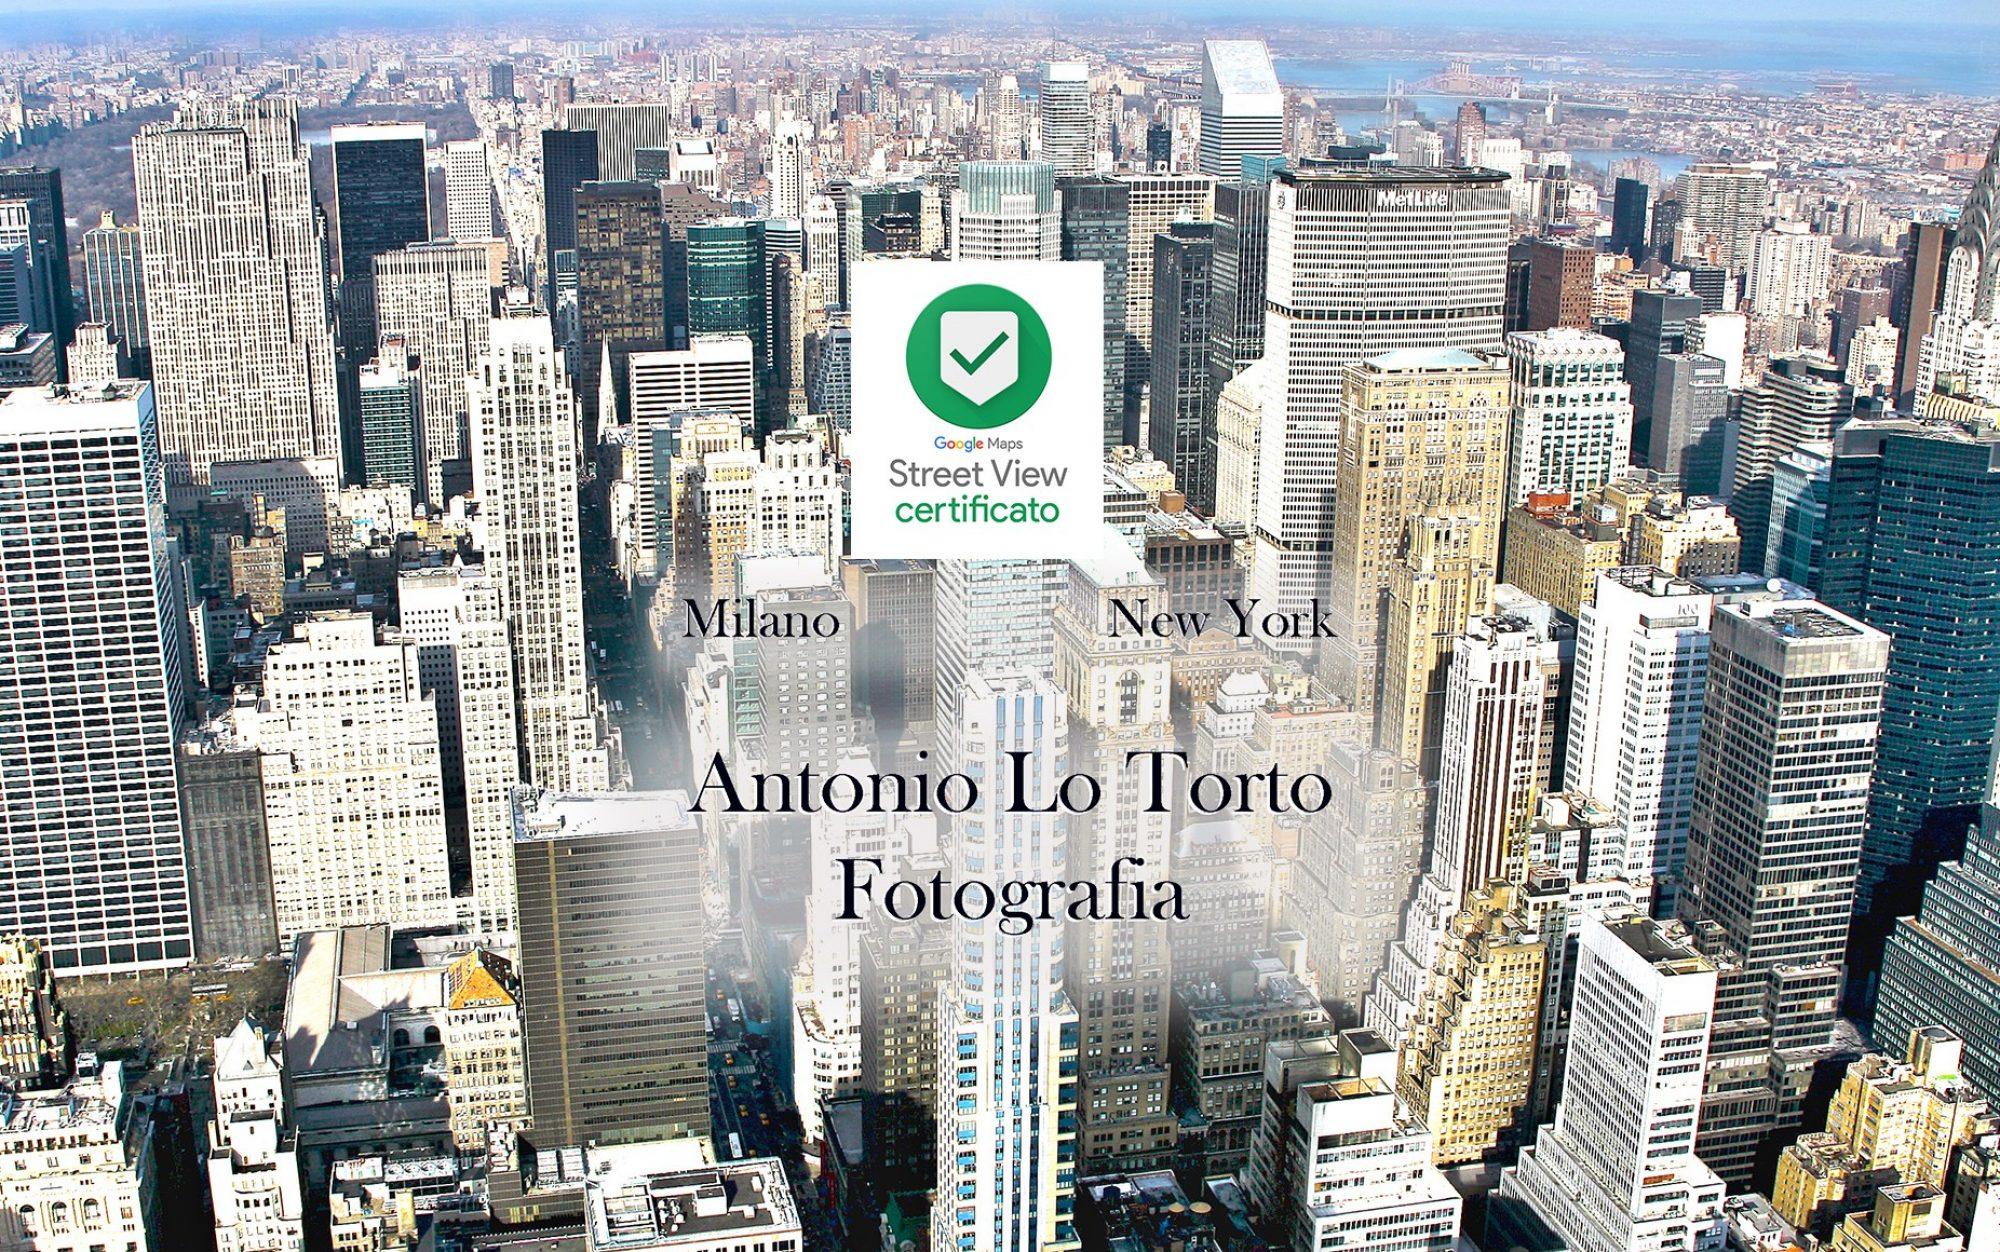 Antonio Lo Torto Fotografo, Milano - New York